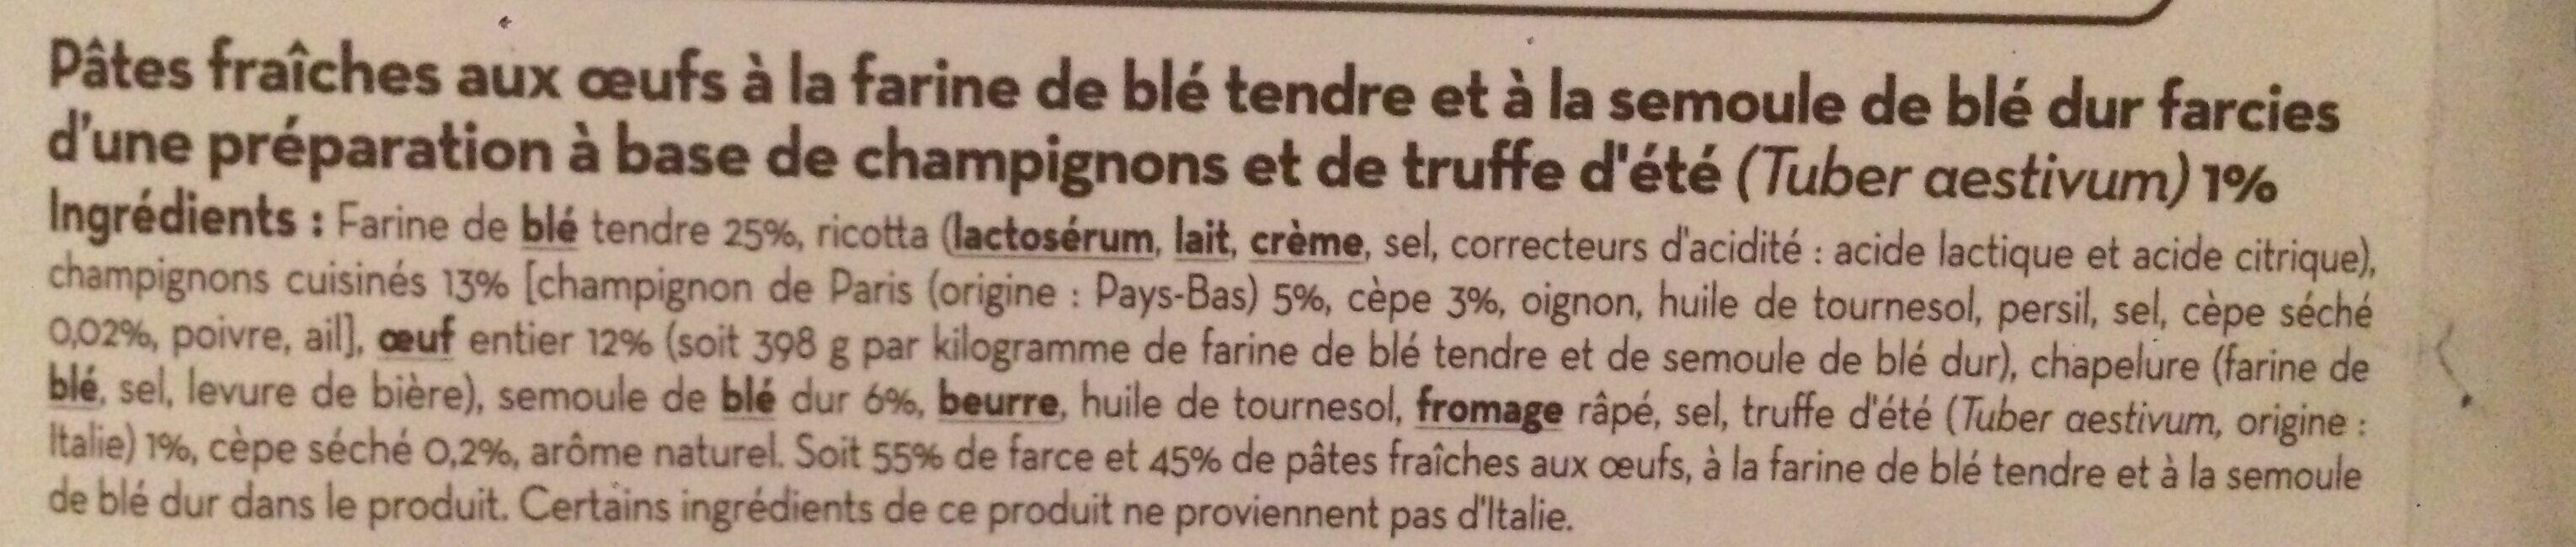 Triangoli aux champignons & à la truffe d'été - Ingredients